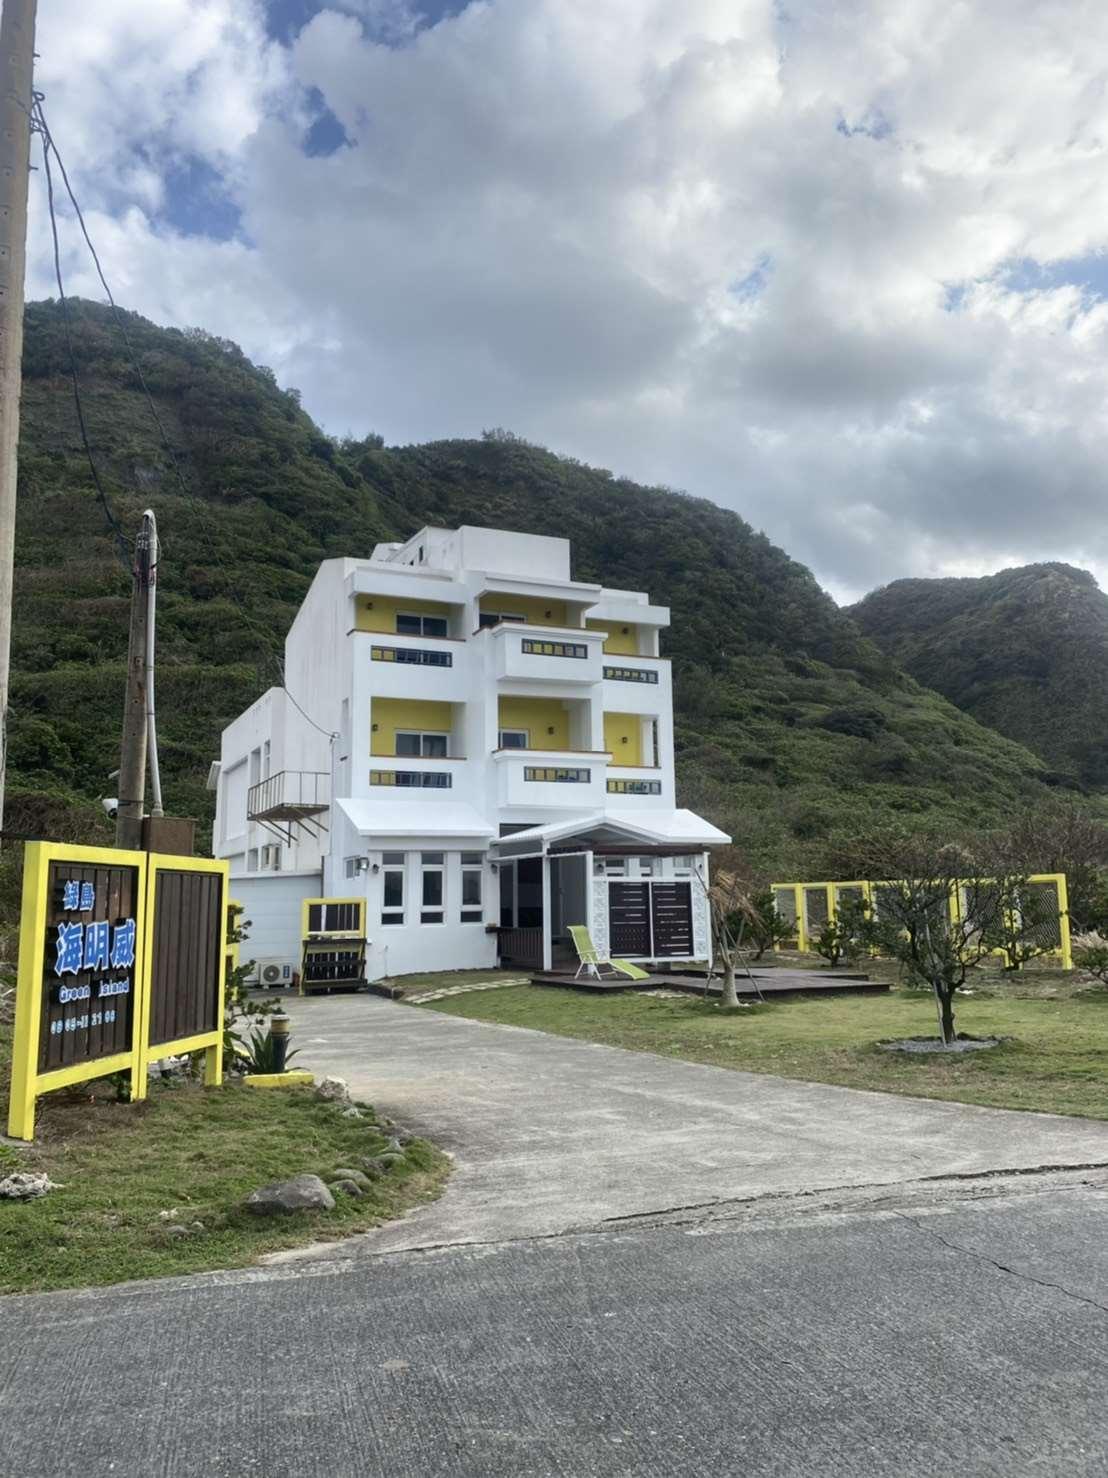 外觀&公共空間 相片來源:綠島海明威民宿